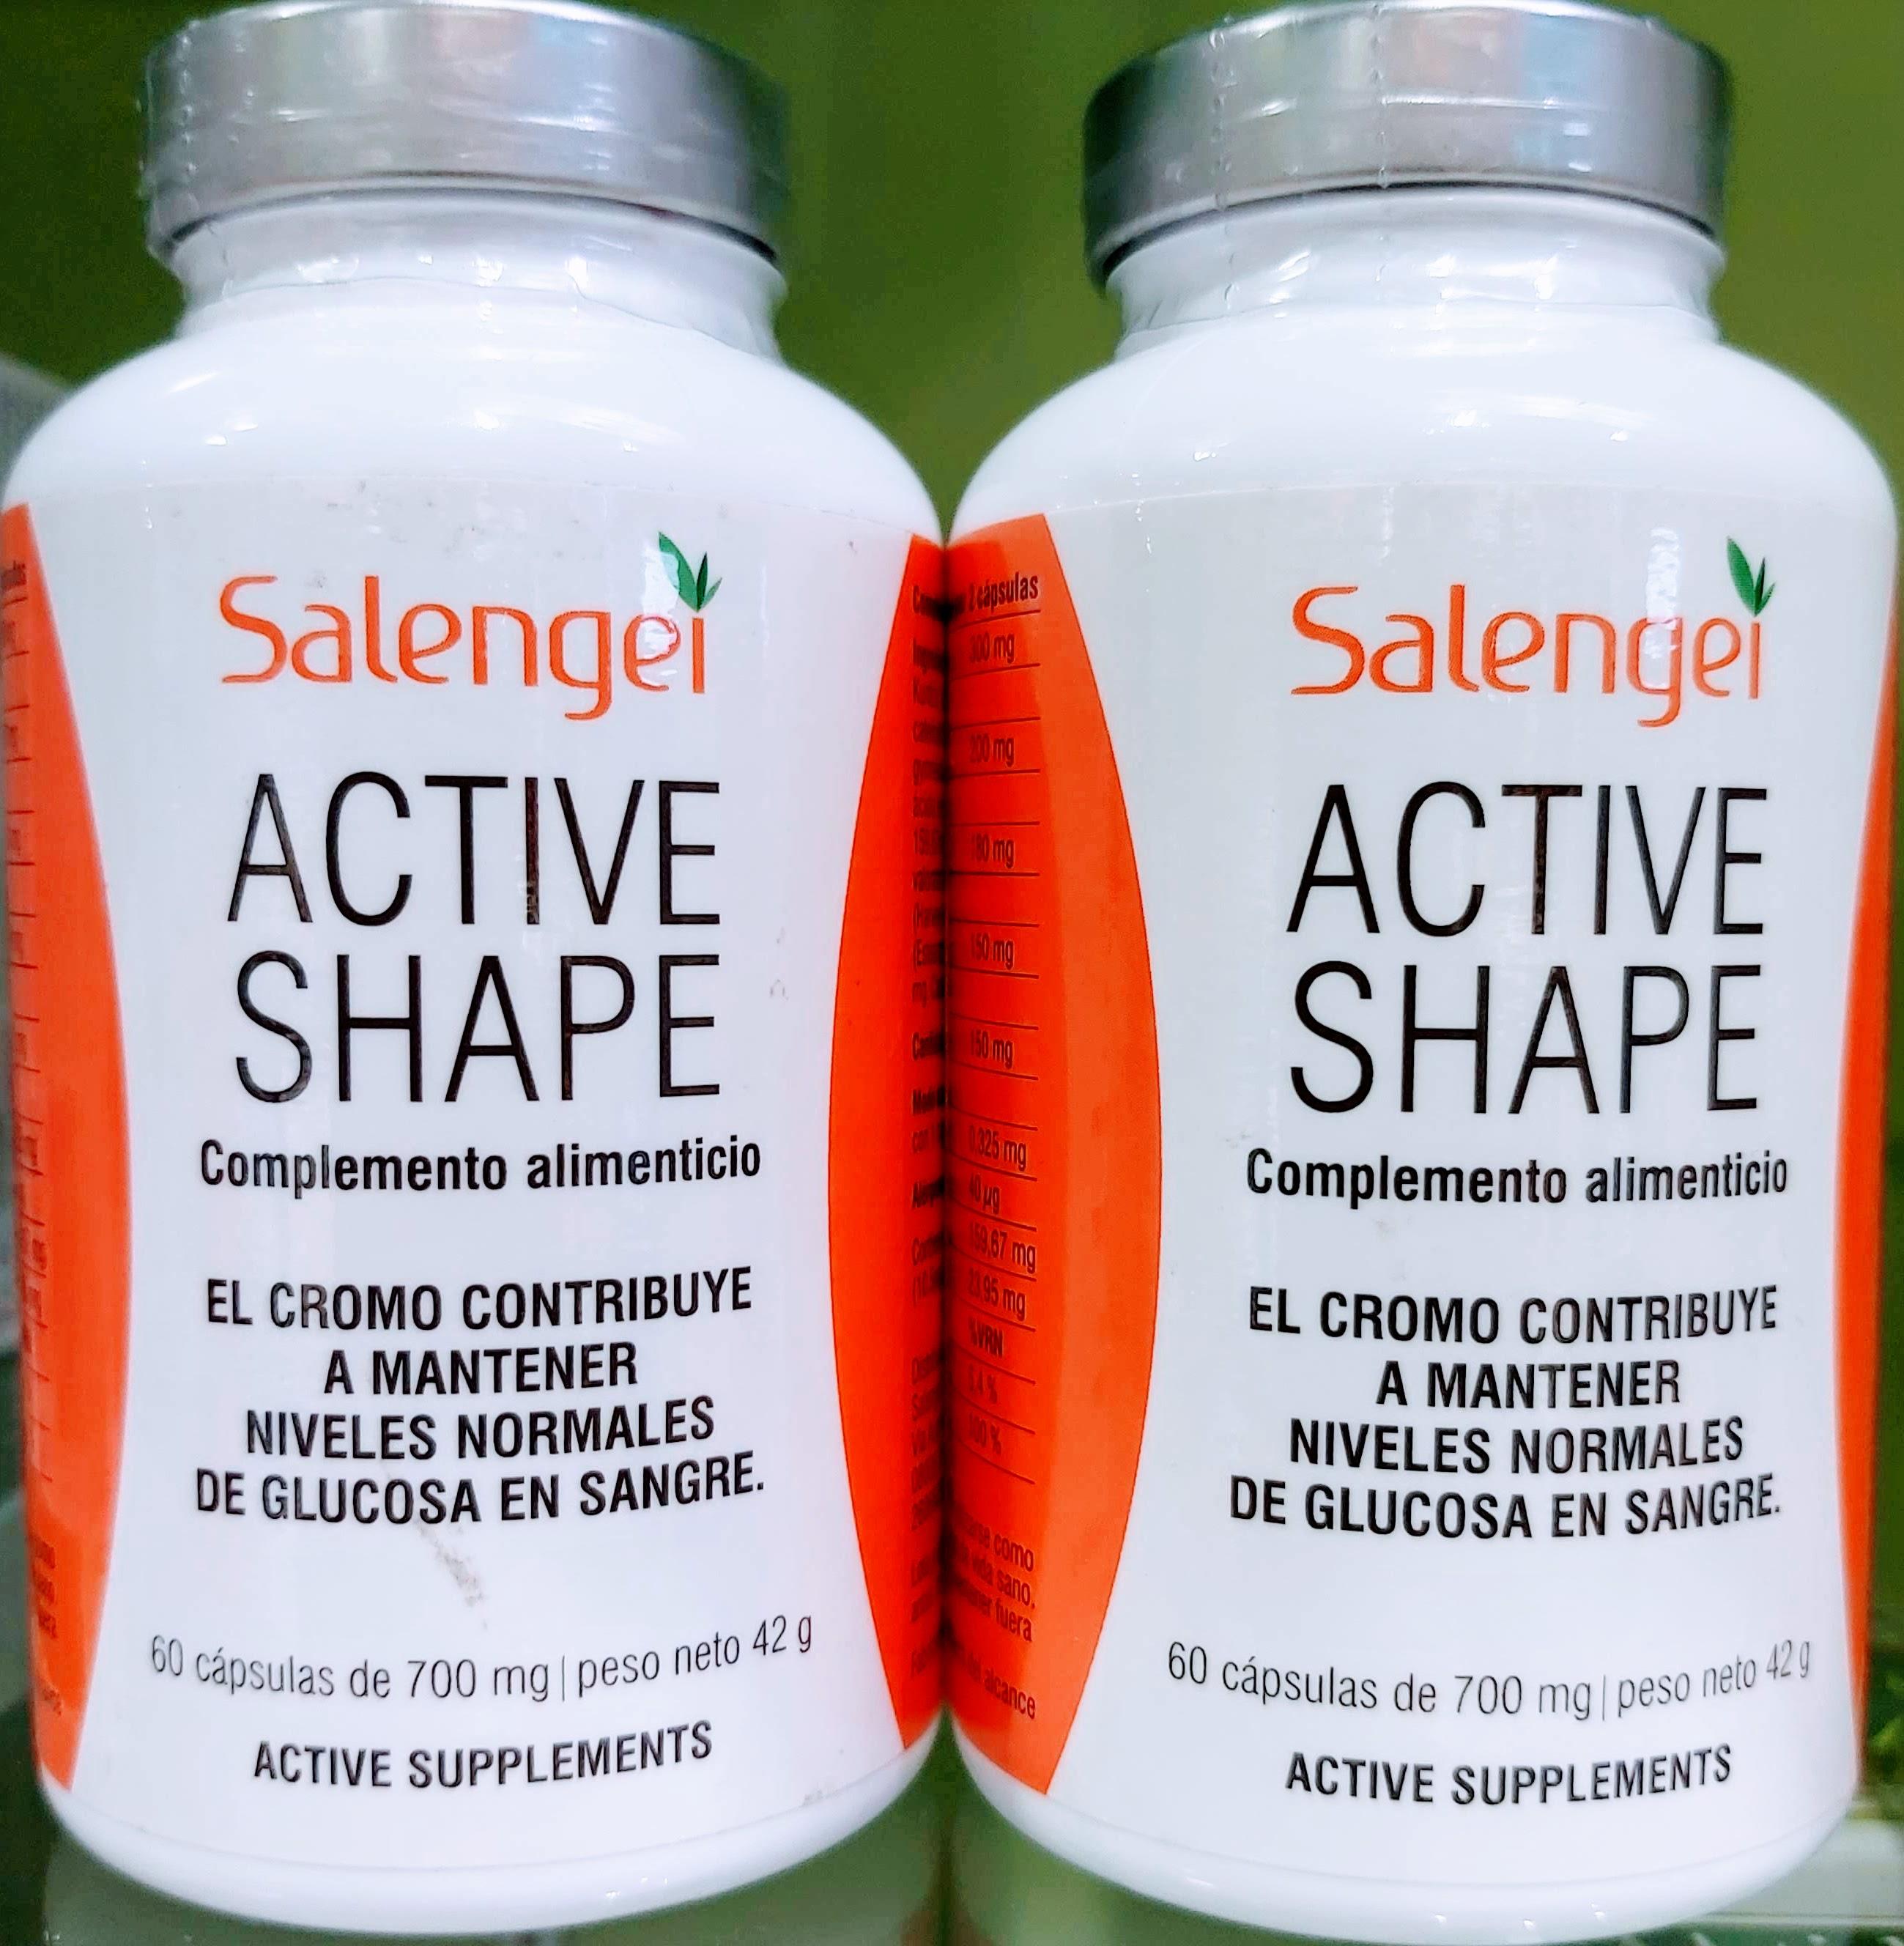 Active Shape de Salengei es un suplemento natural a base de Resveratrol y fitonutrientes muy efectivo para ayudar en el proceso de pérdida de peso de forma segura